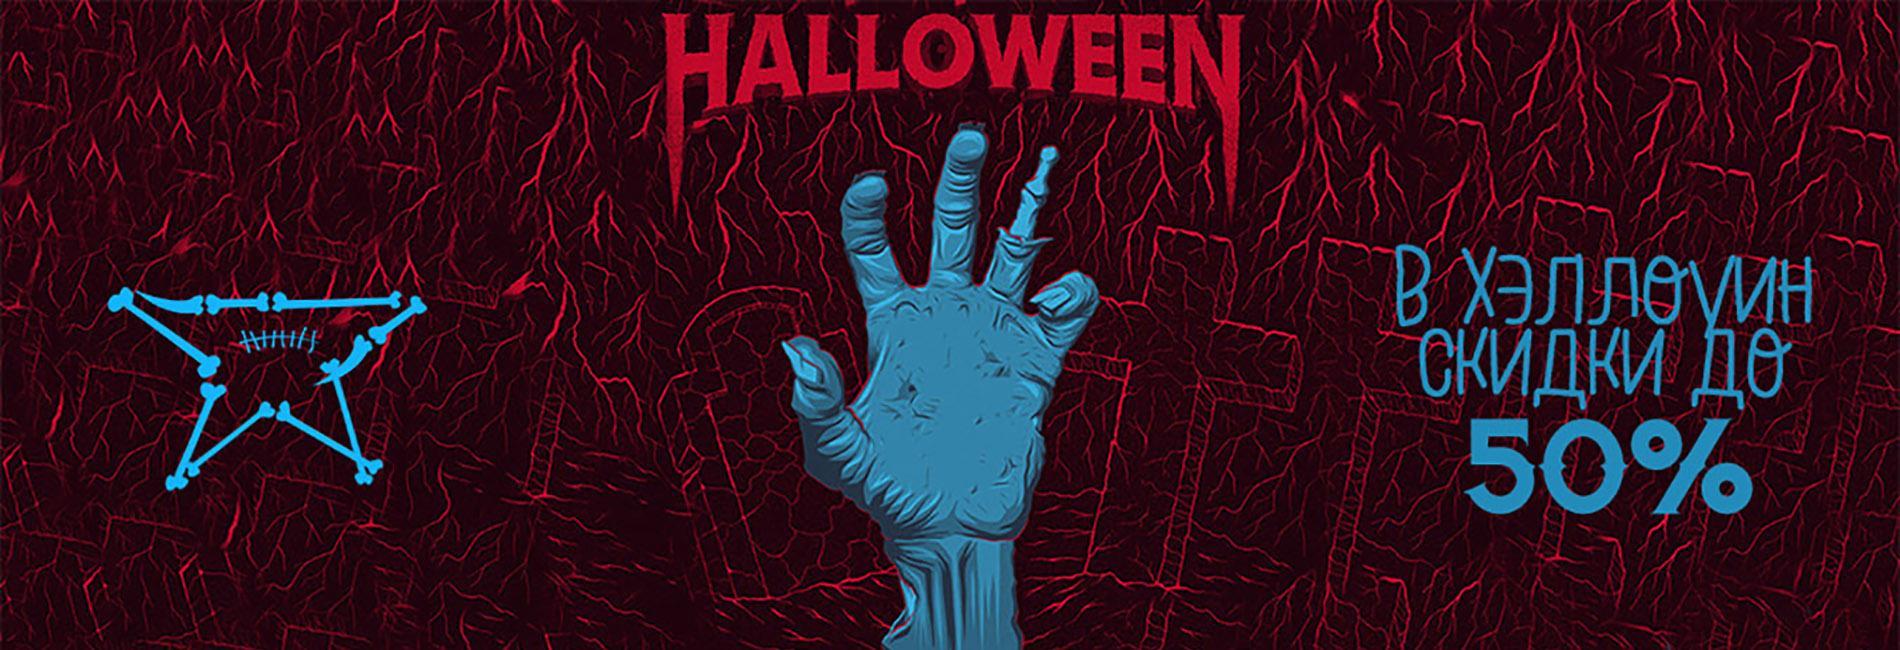 Скидки в день Хэллоуина